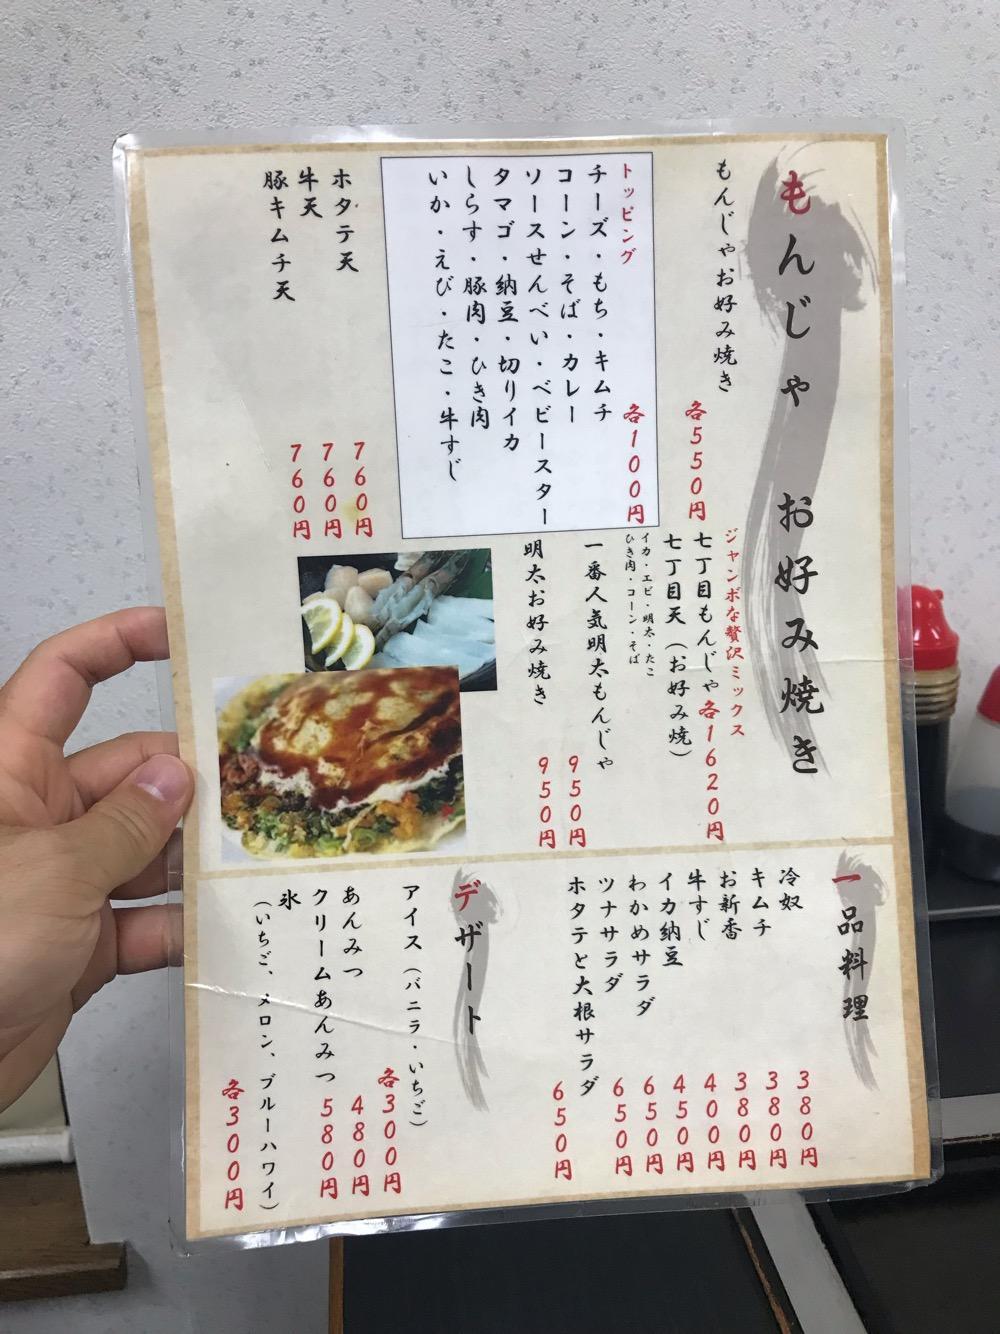 お好み焼七丁目のメニュー(もんじゃ、お好み焼き)